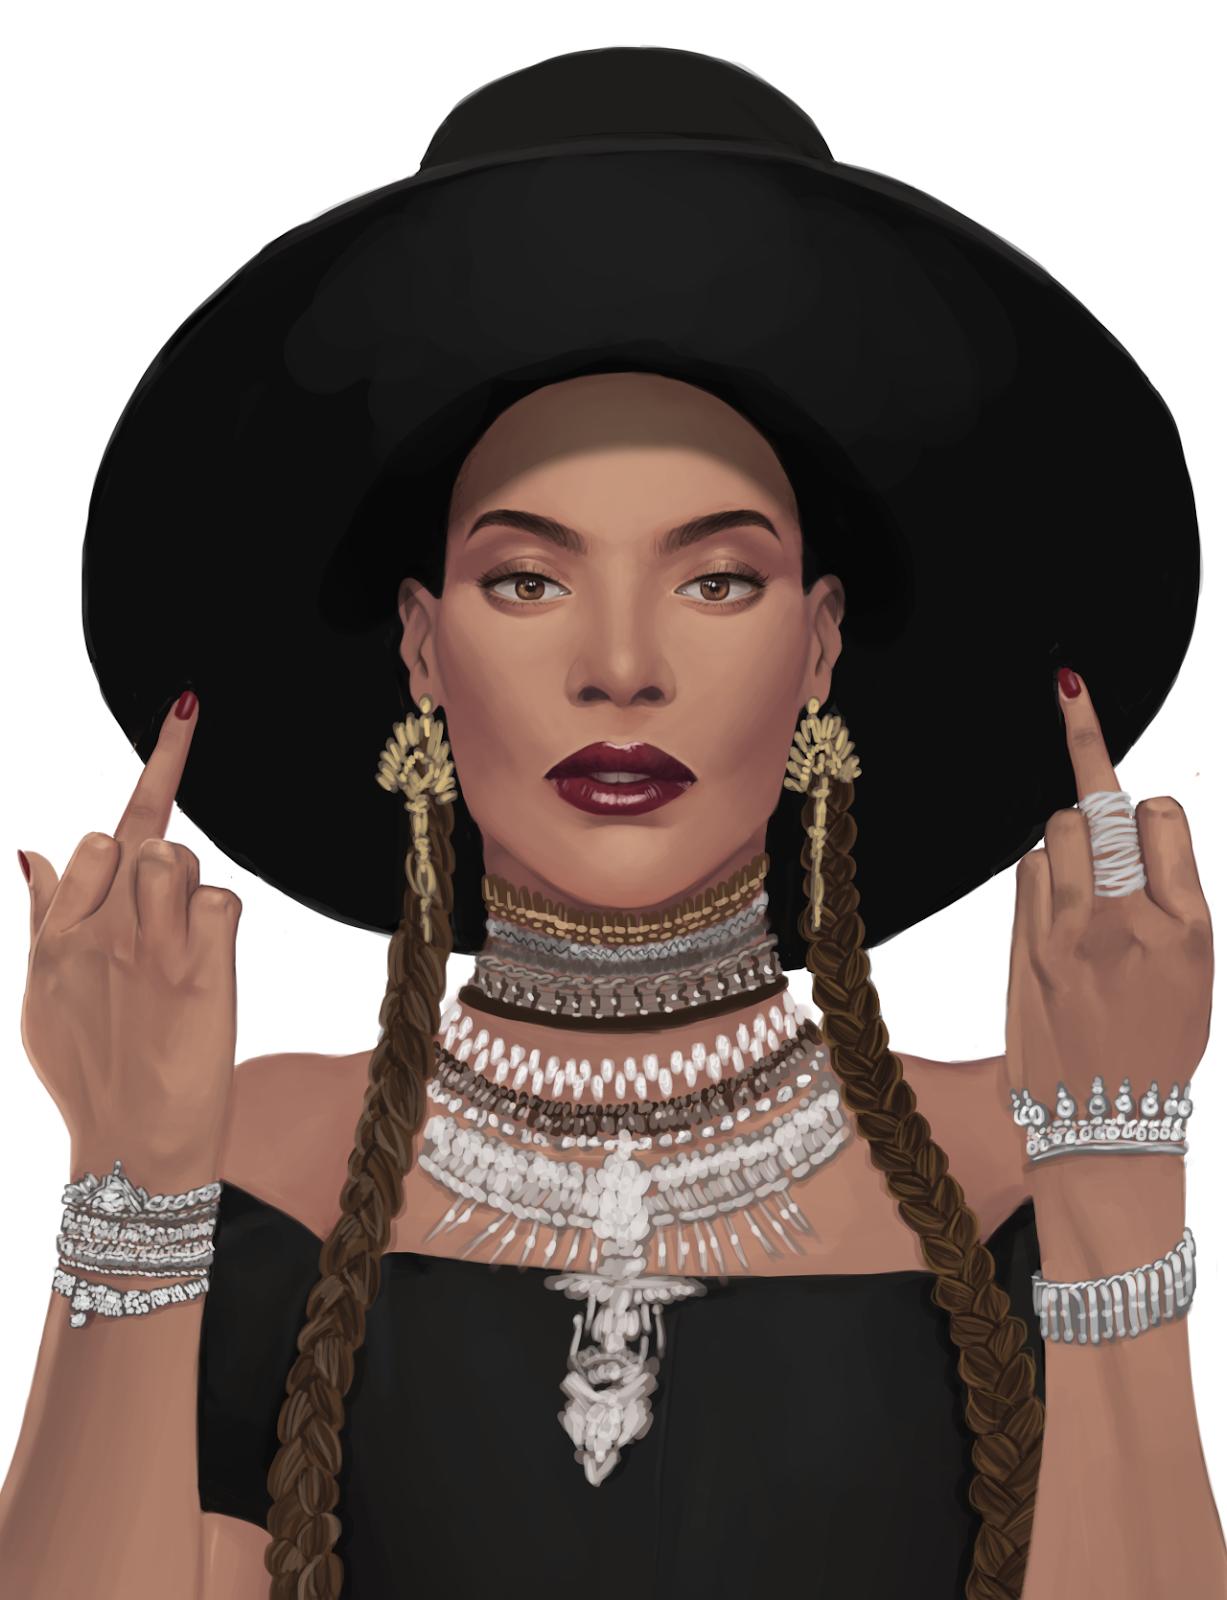 Beyoncé ($470 million)